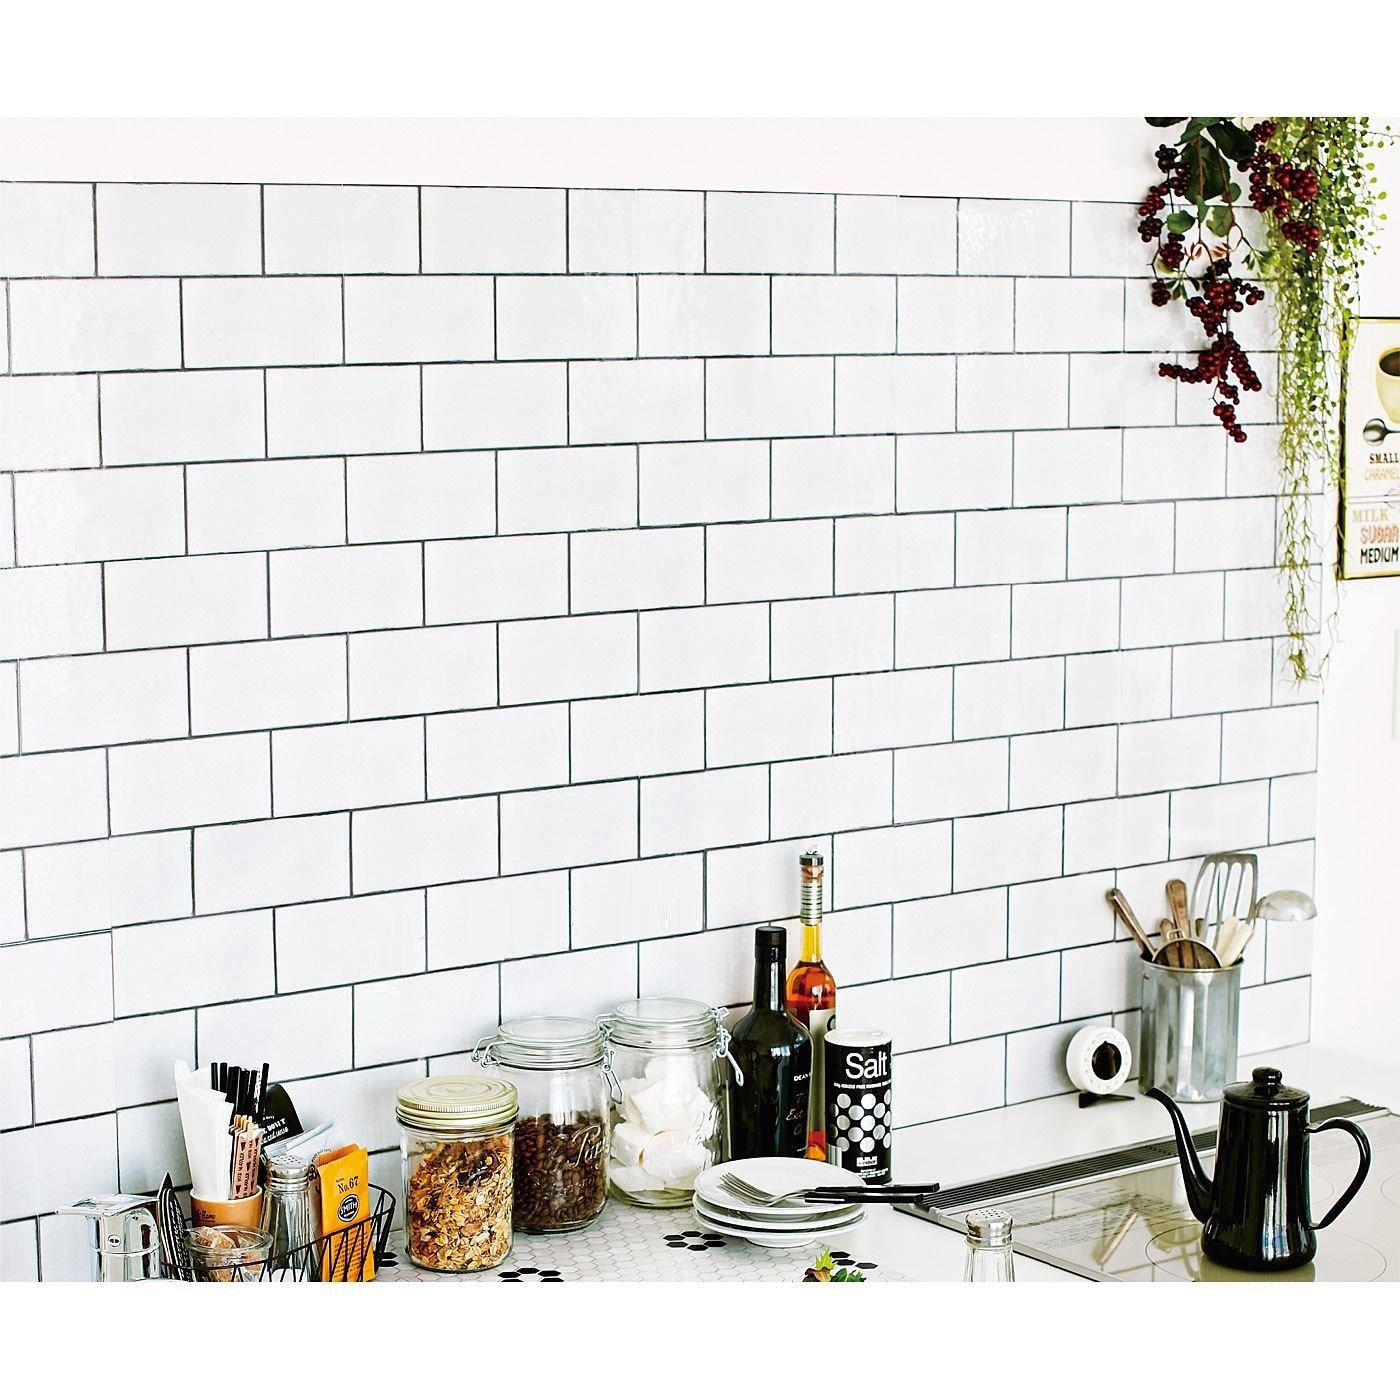 RoomClip商品情報 - 貼ってはがせて汚れがふき取りやすい 30cm角の壁紙シール〈サブウェイタイル柄〉の会 フェリシモ FELISSIMO【送料:450円+税】